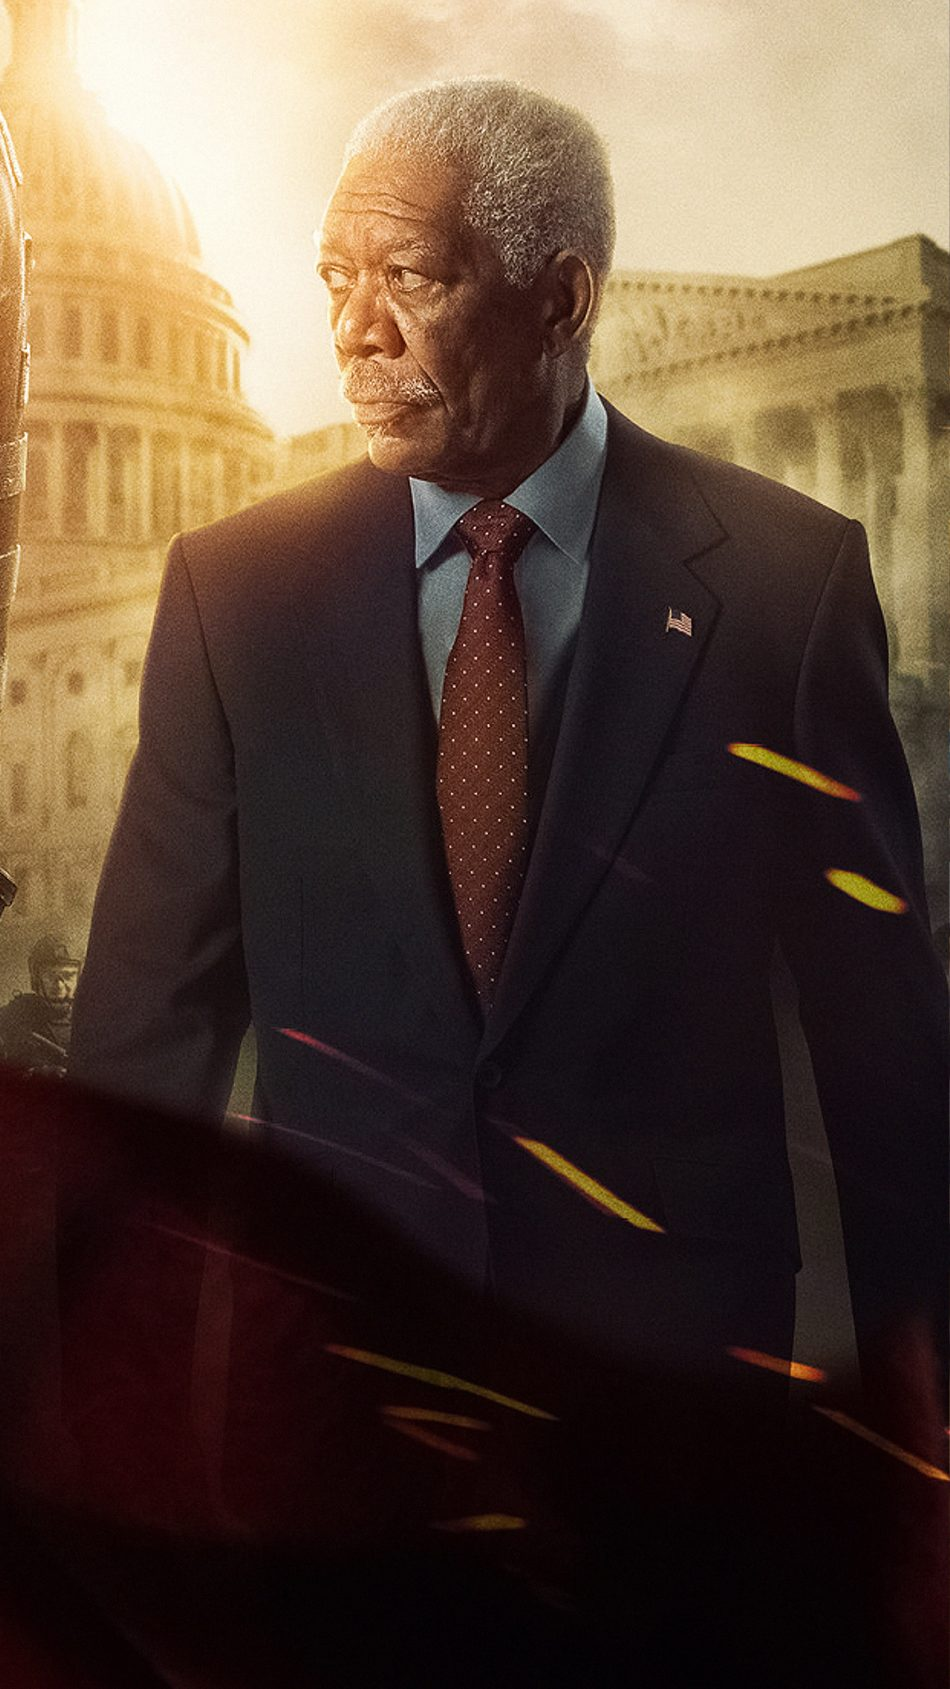 Morgan Freeman In Angel Has Fallen 2019 4K Ultra HD Mobile Wallpaper